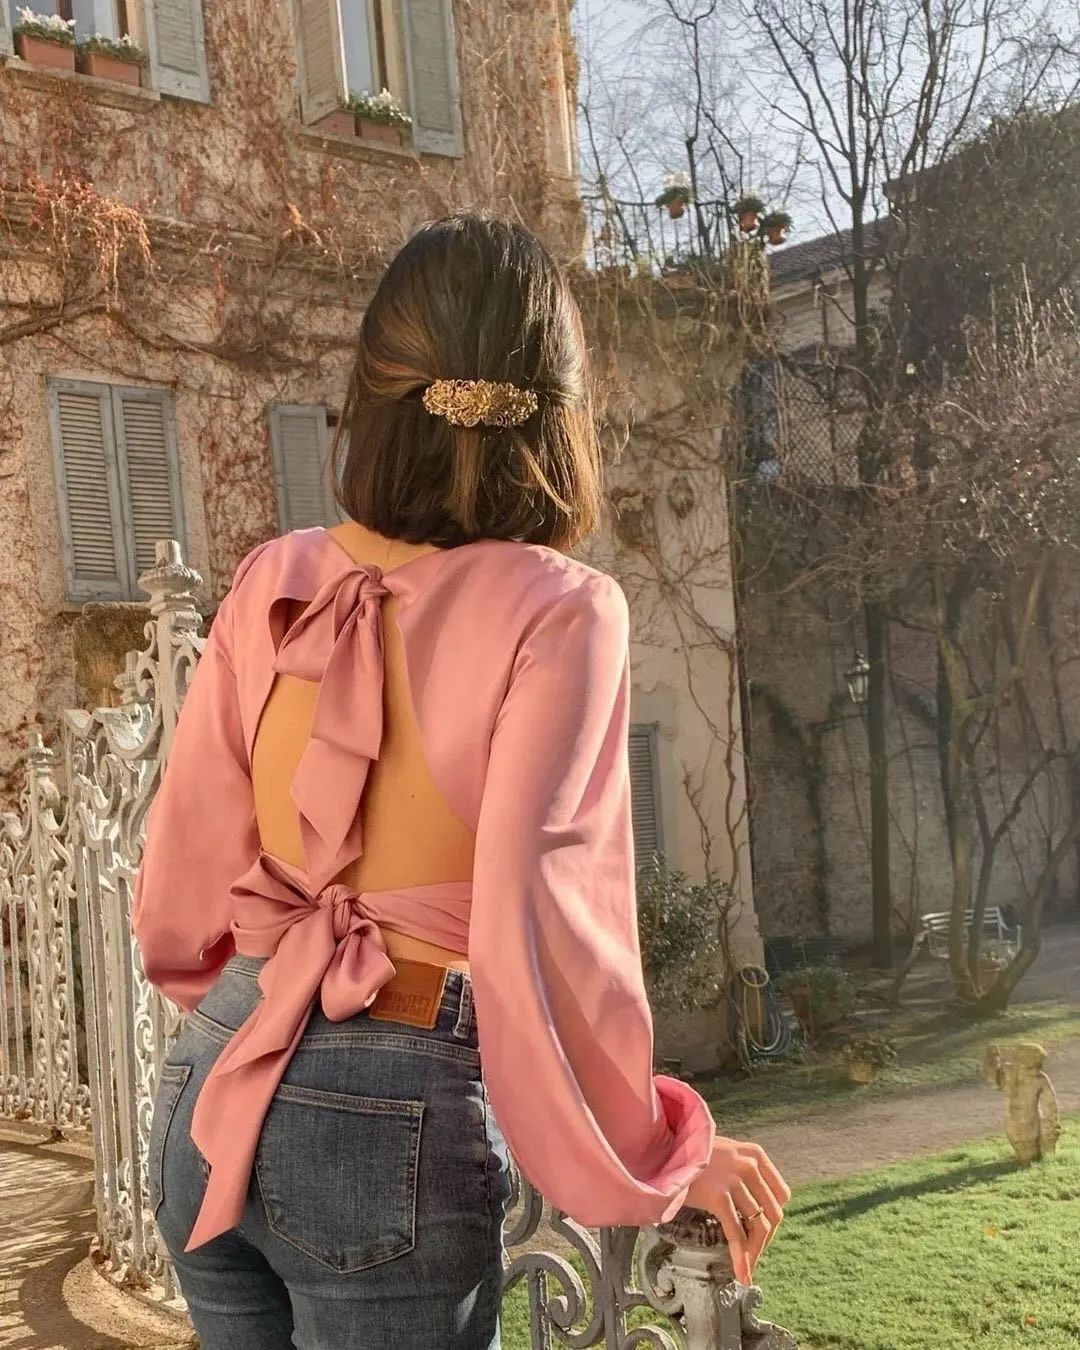 Cho những buổi đi chơi dạo phố thì đừng ngại phá cách với 1 chiếc áo cut out sau lưng đầy táo bạo, tôn lên tấm lưng trần mảnh mai thon thả gợi cảm. Quần jeans còn có khả năng tôn đẩy vòng 3 khá tốt, khiến bạn càng thêm bội phần quyến rũ.